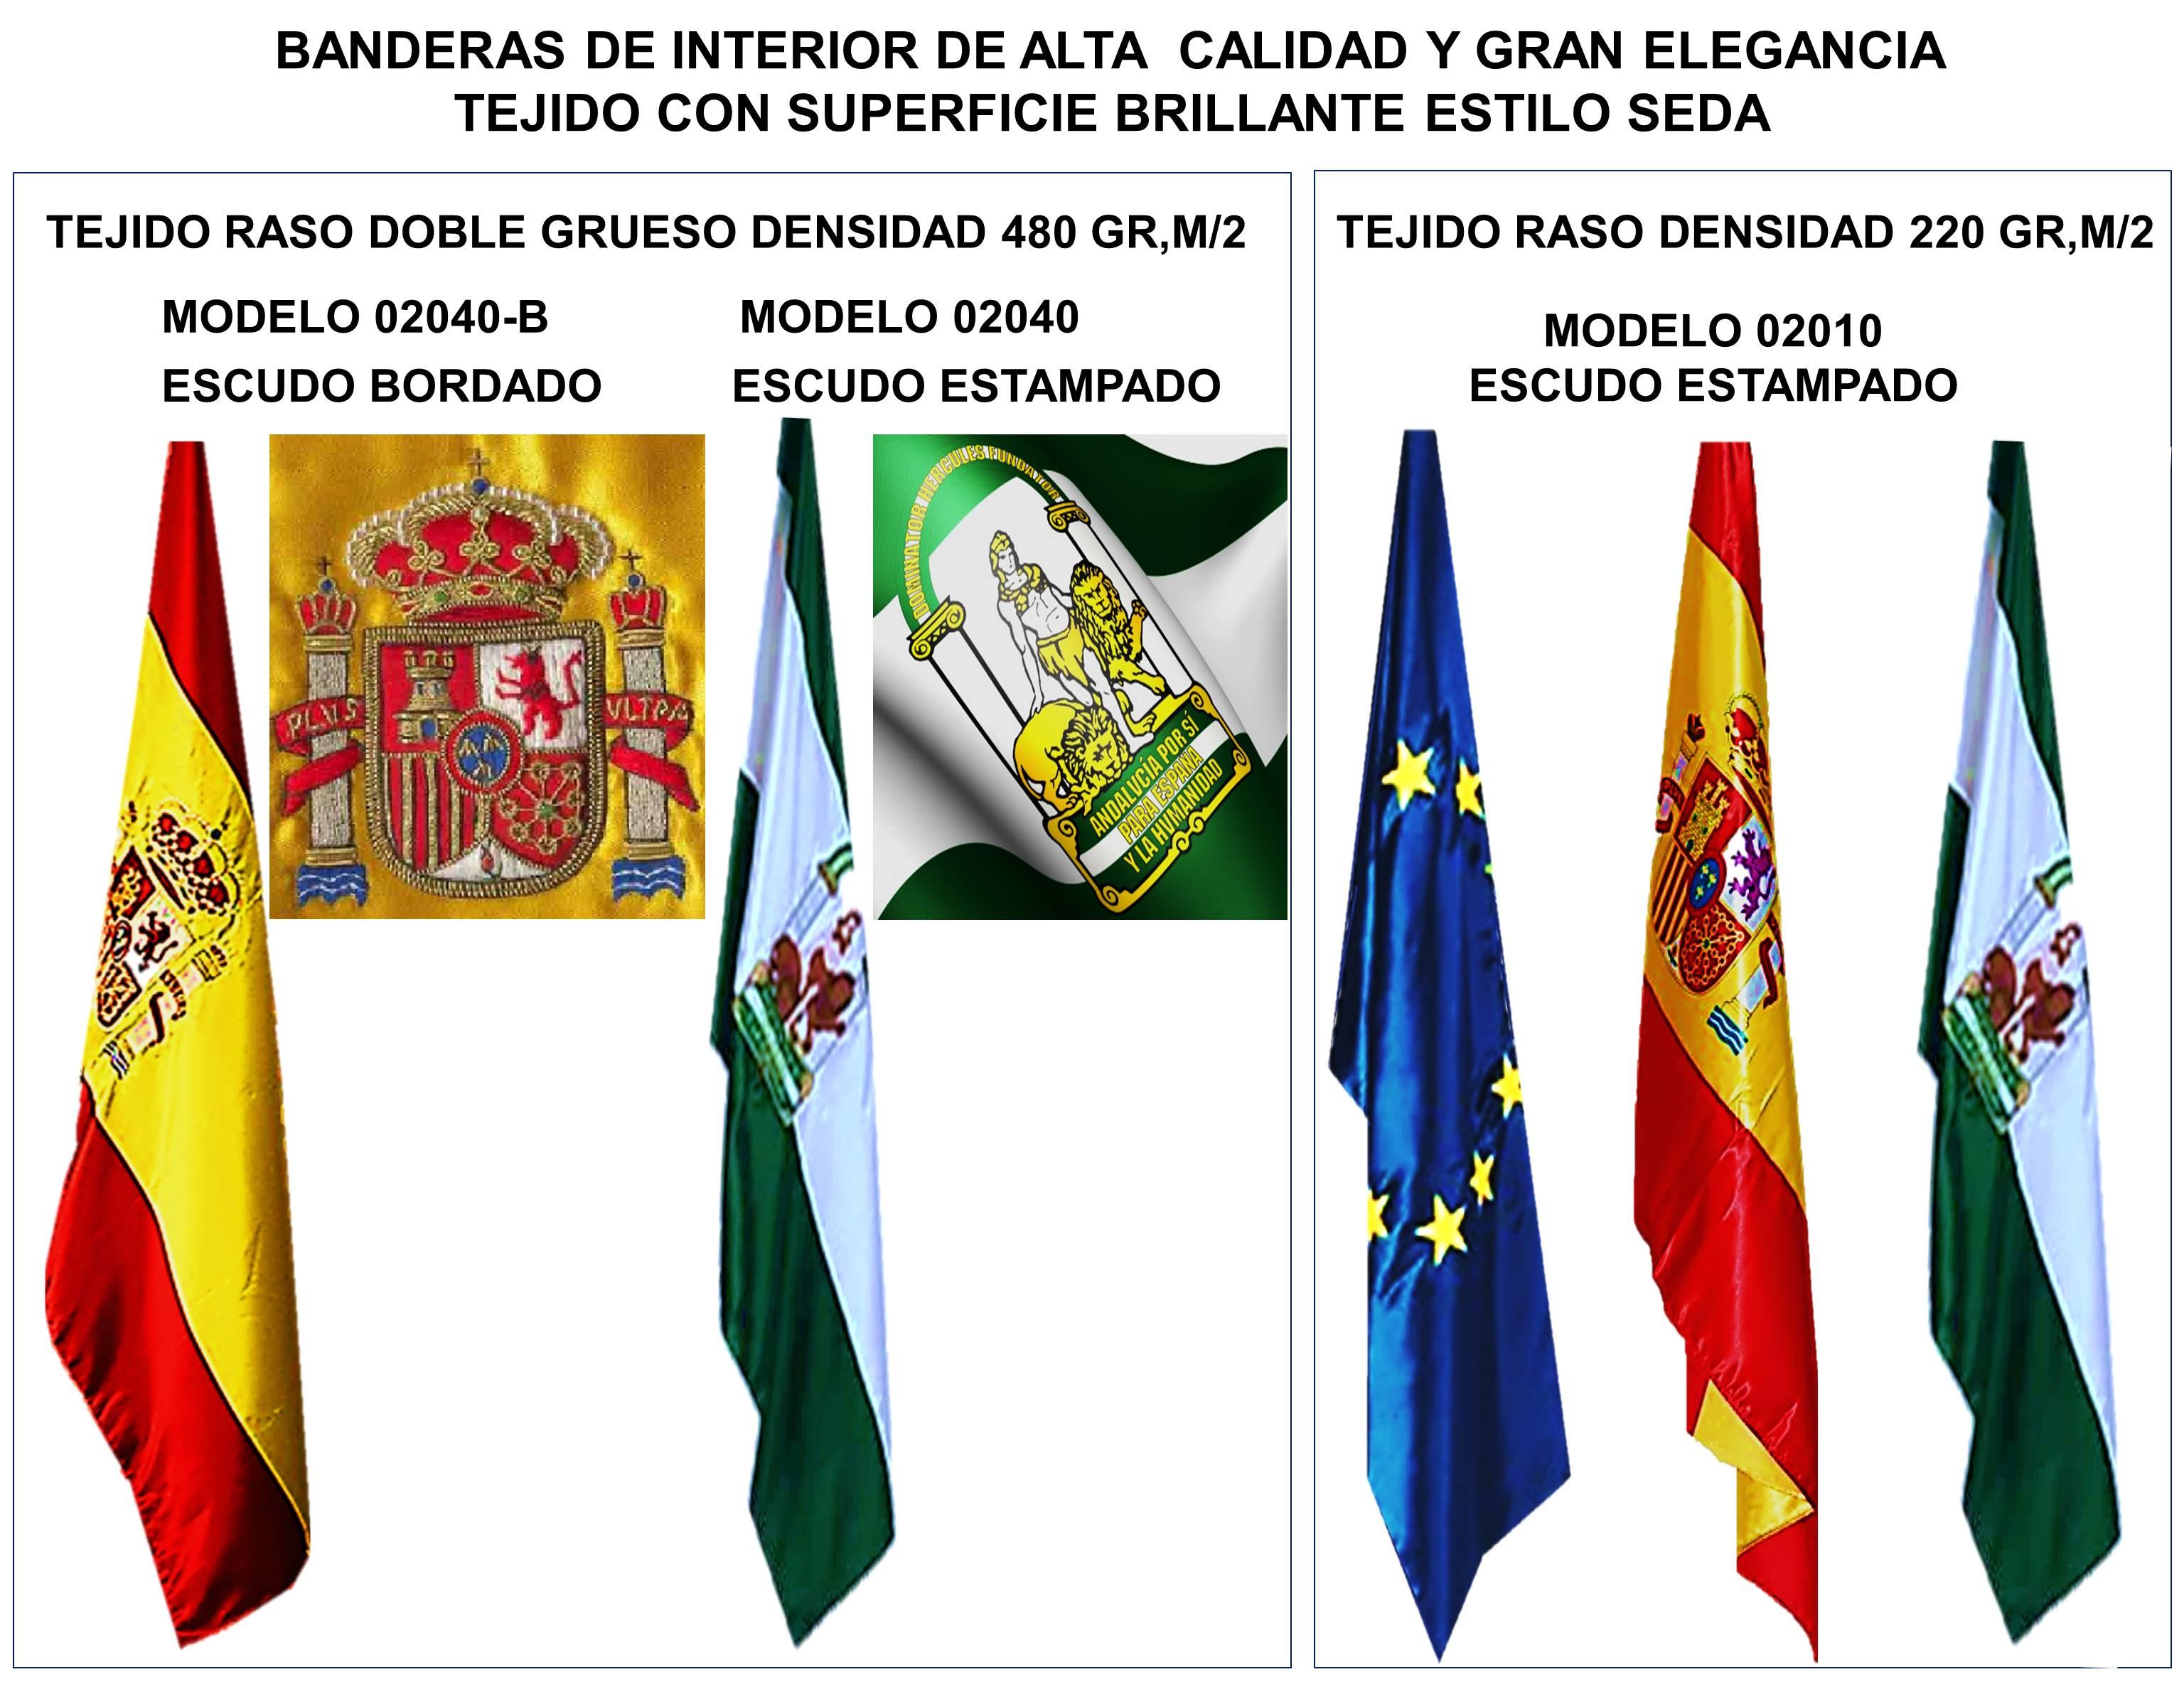 Banderas protocolo oficinas paises comunidad autonomía ciudades ayuntamientos personalizadas